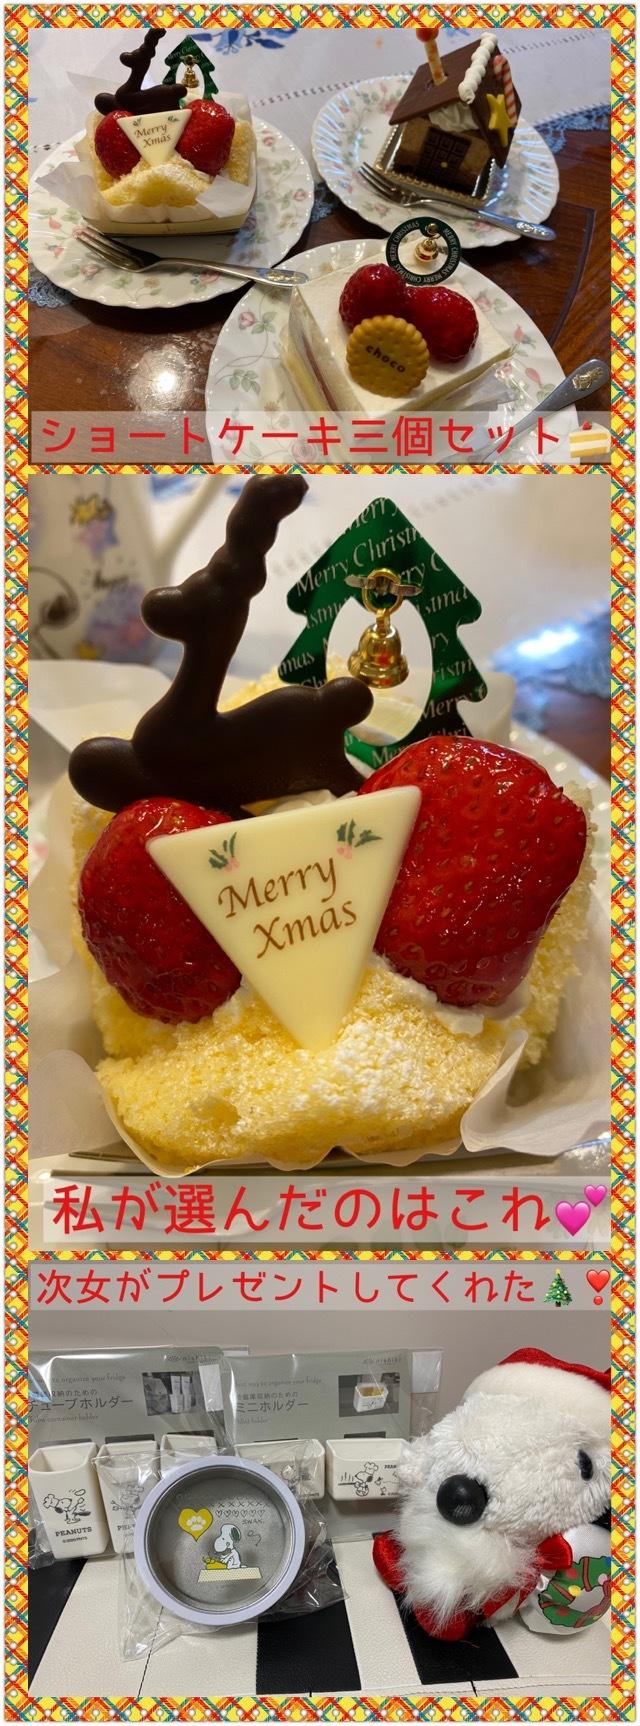 クリスマス・・・✨🎄✨_f0177125_08121579.jpeg